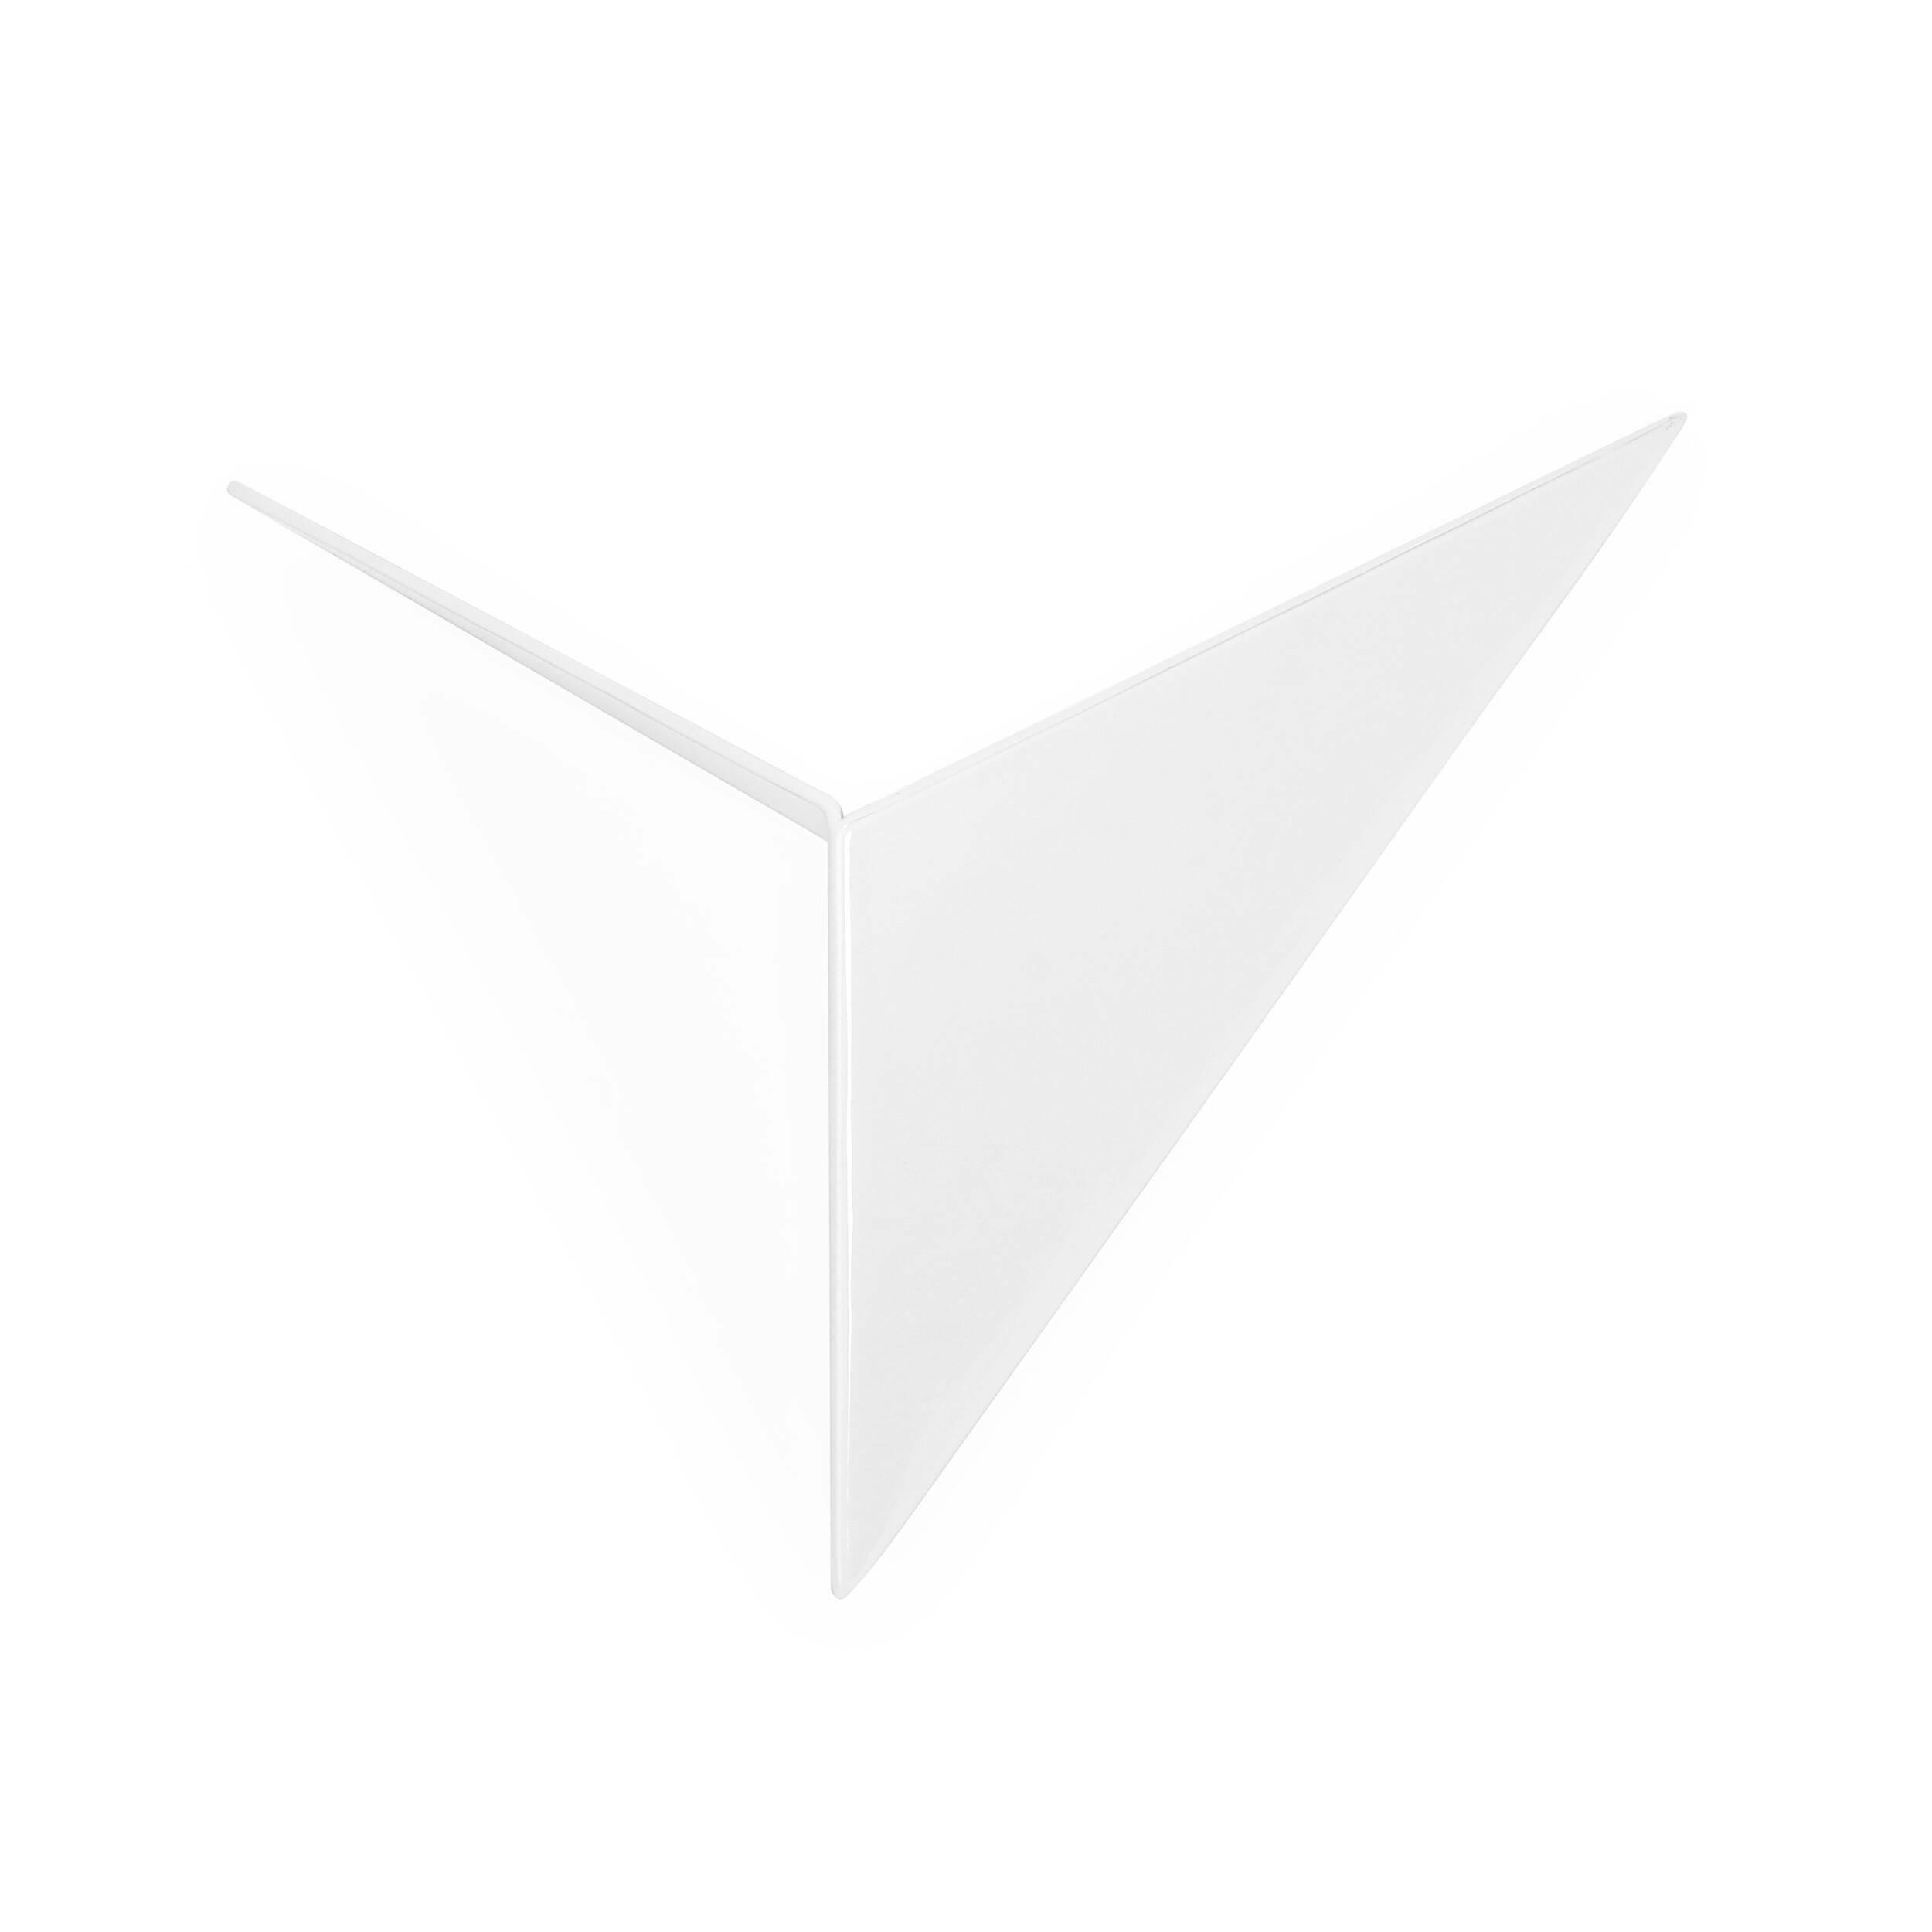 Настенный светильник Cosmo 16298973 от Cosmorelax